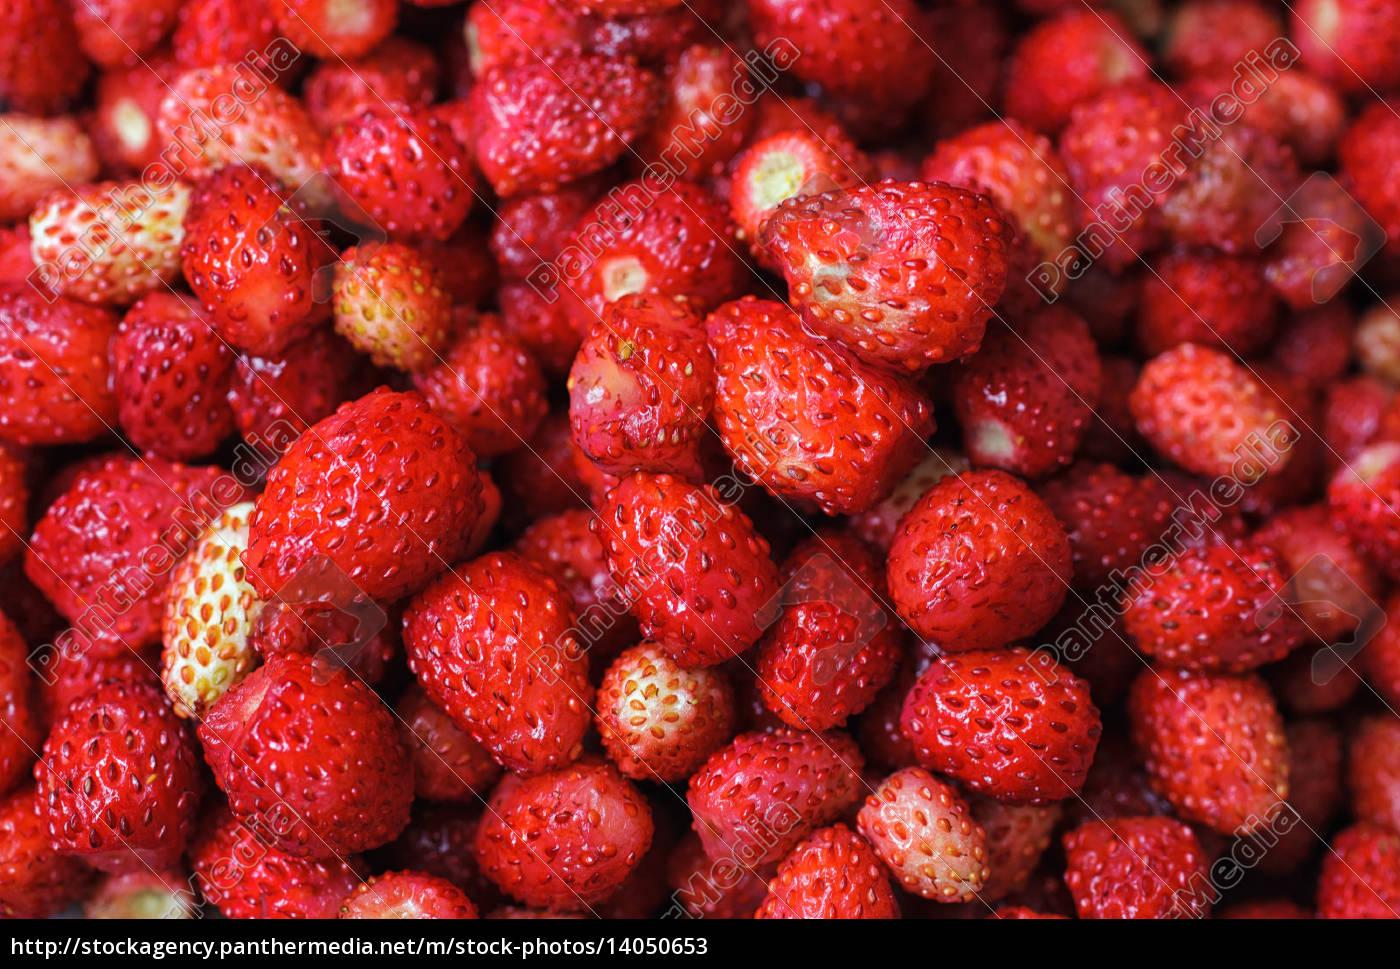 wild, strawberries - 14050653